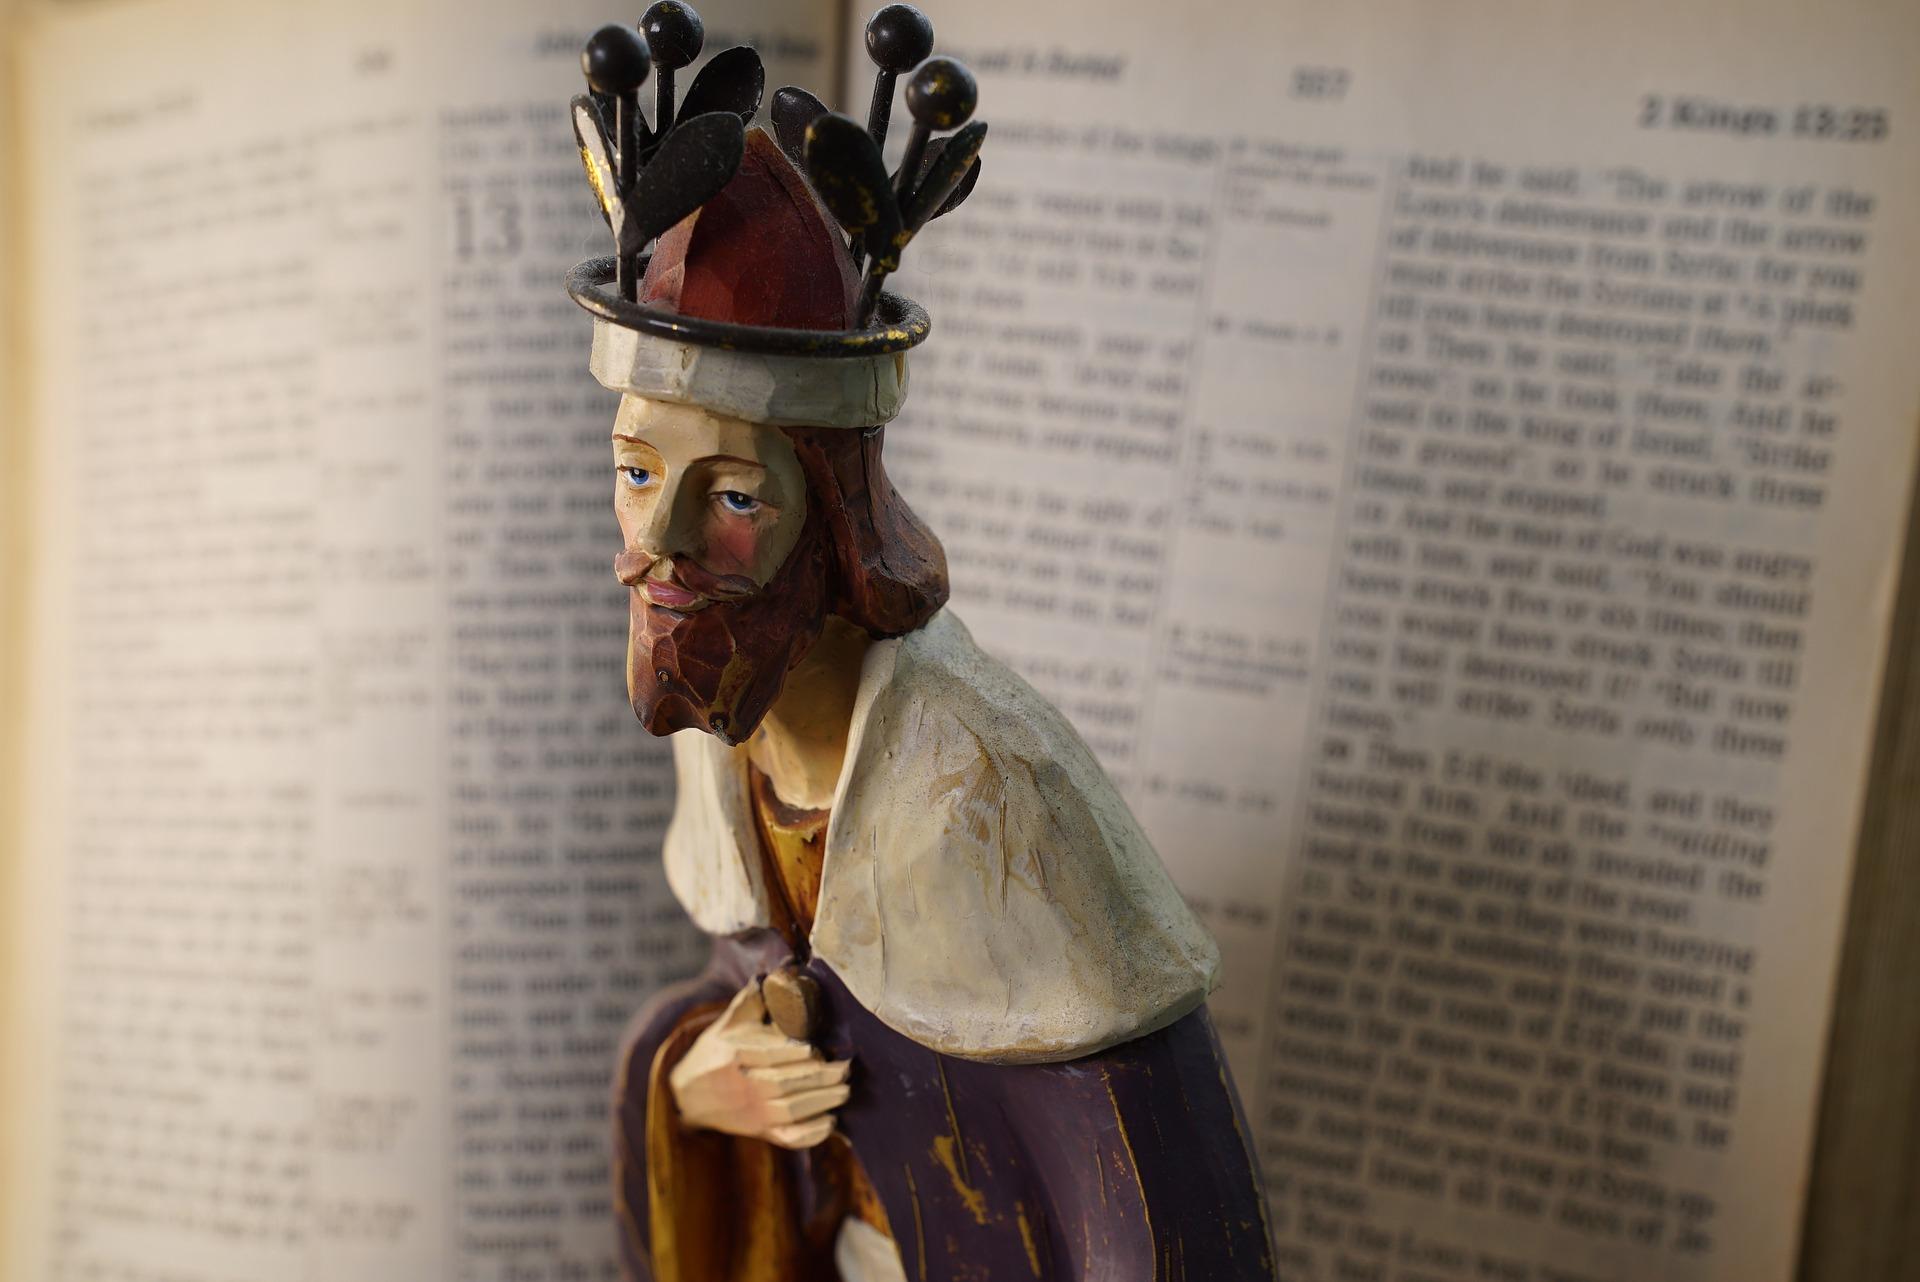 「王道」の意味や使い方をを解説!語源や本来の意味を知らない人が多数!